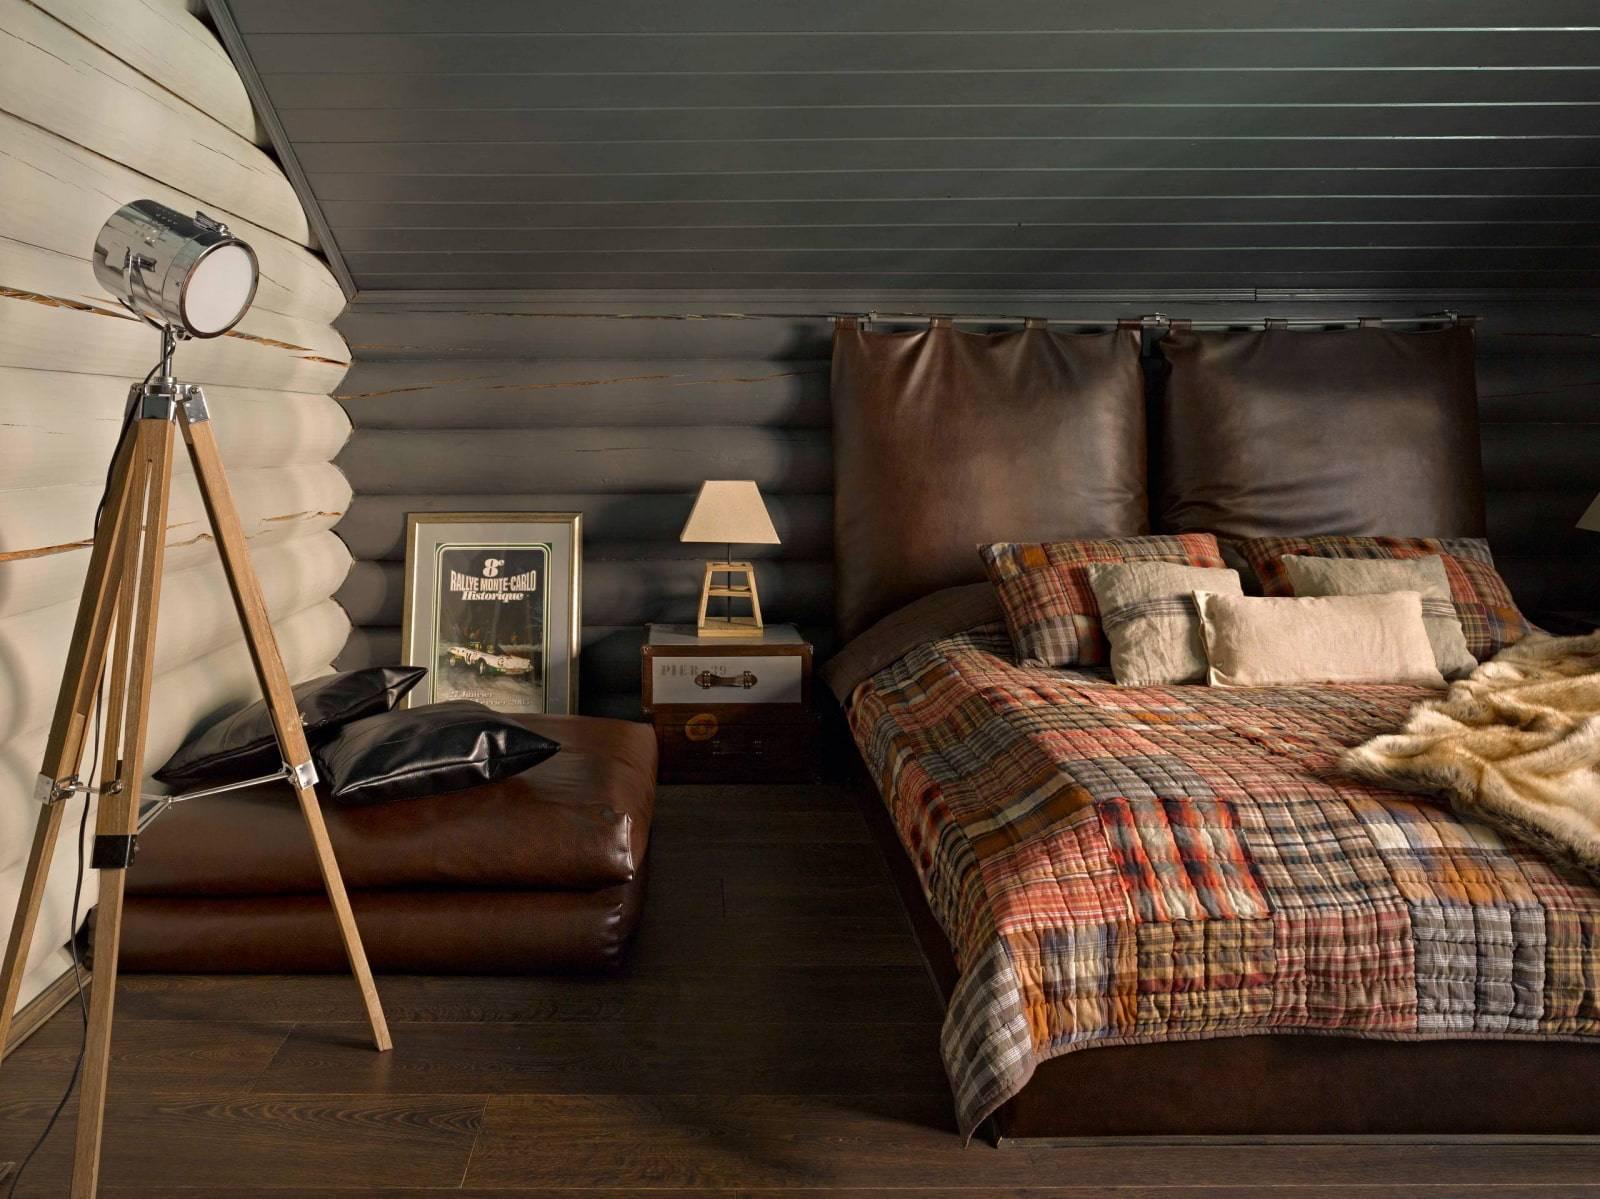 Деревянная спальня (53 фото): дизайн интерьера в деревенском стиле с элементами дерева